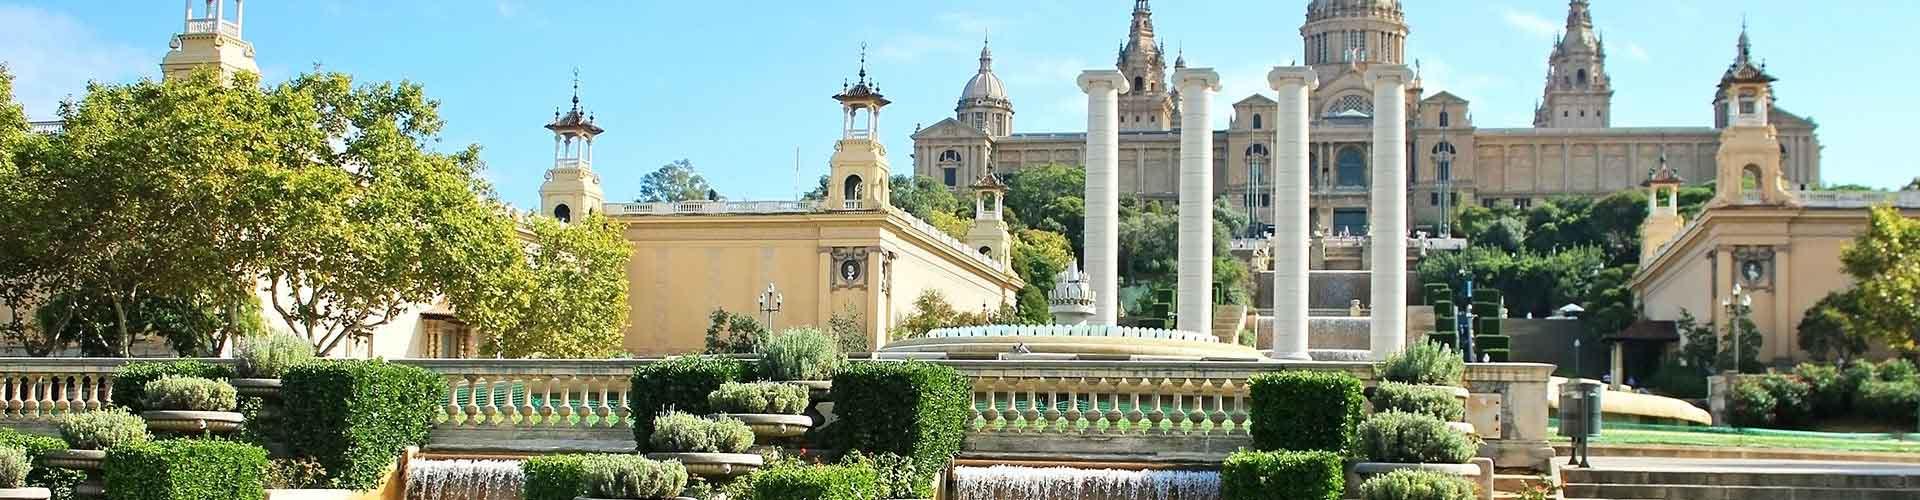 バルセロナ – サンツ駅の近くにあるホステル. 地図 バルセロナ, すべてのホステルの写真とレビュー バルセロナ.